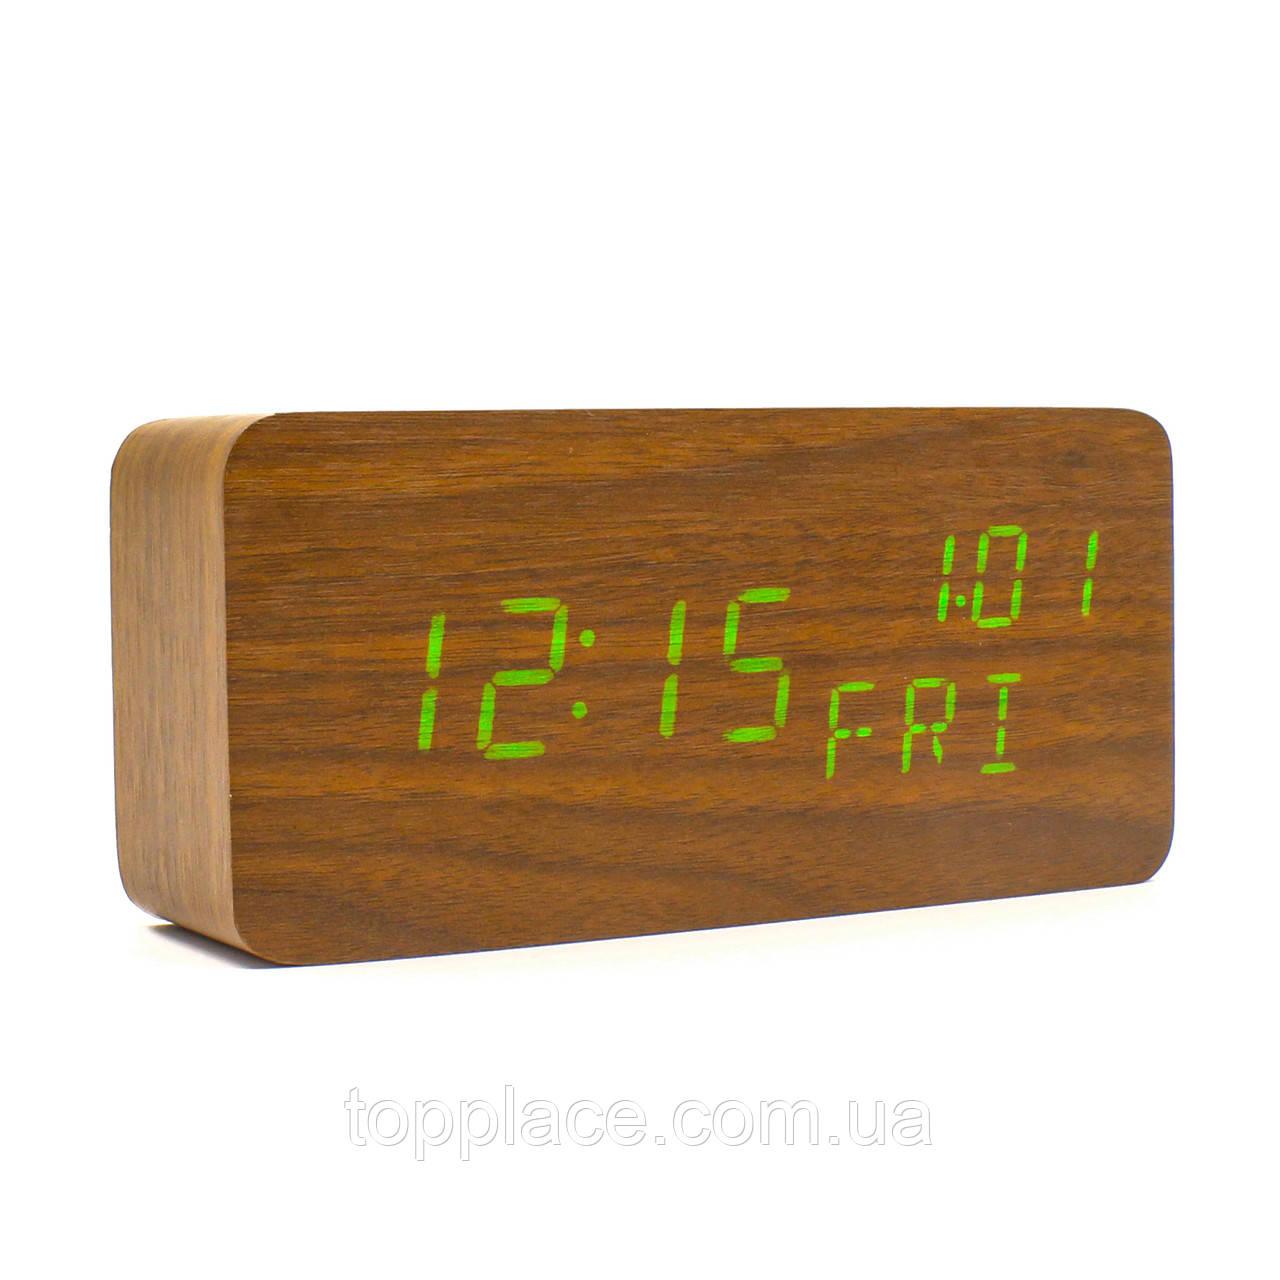 Настільні електронні годинник VST 862W, Brown (LS1010053808)